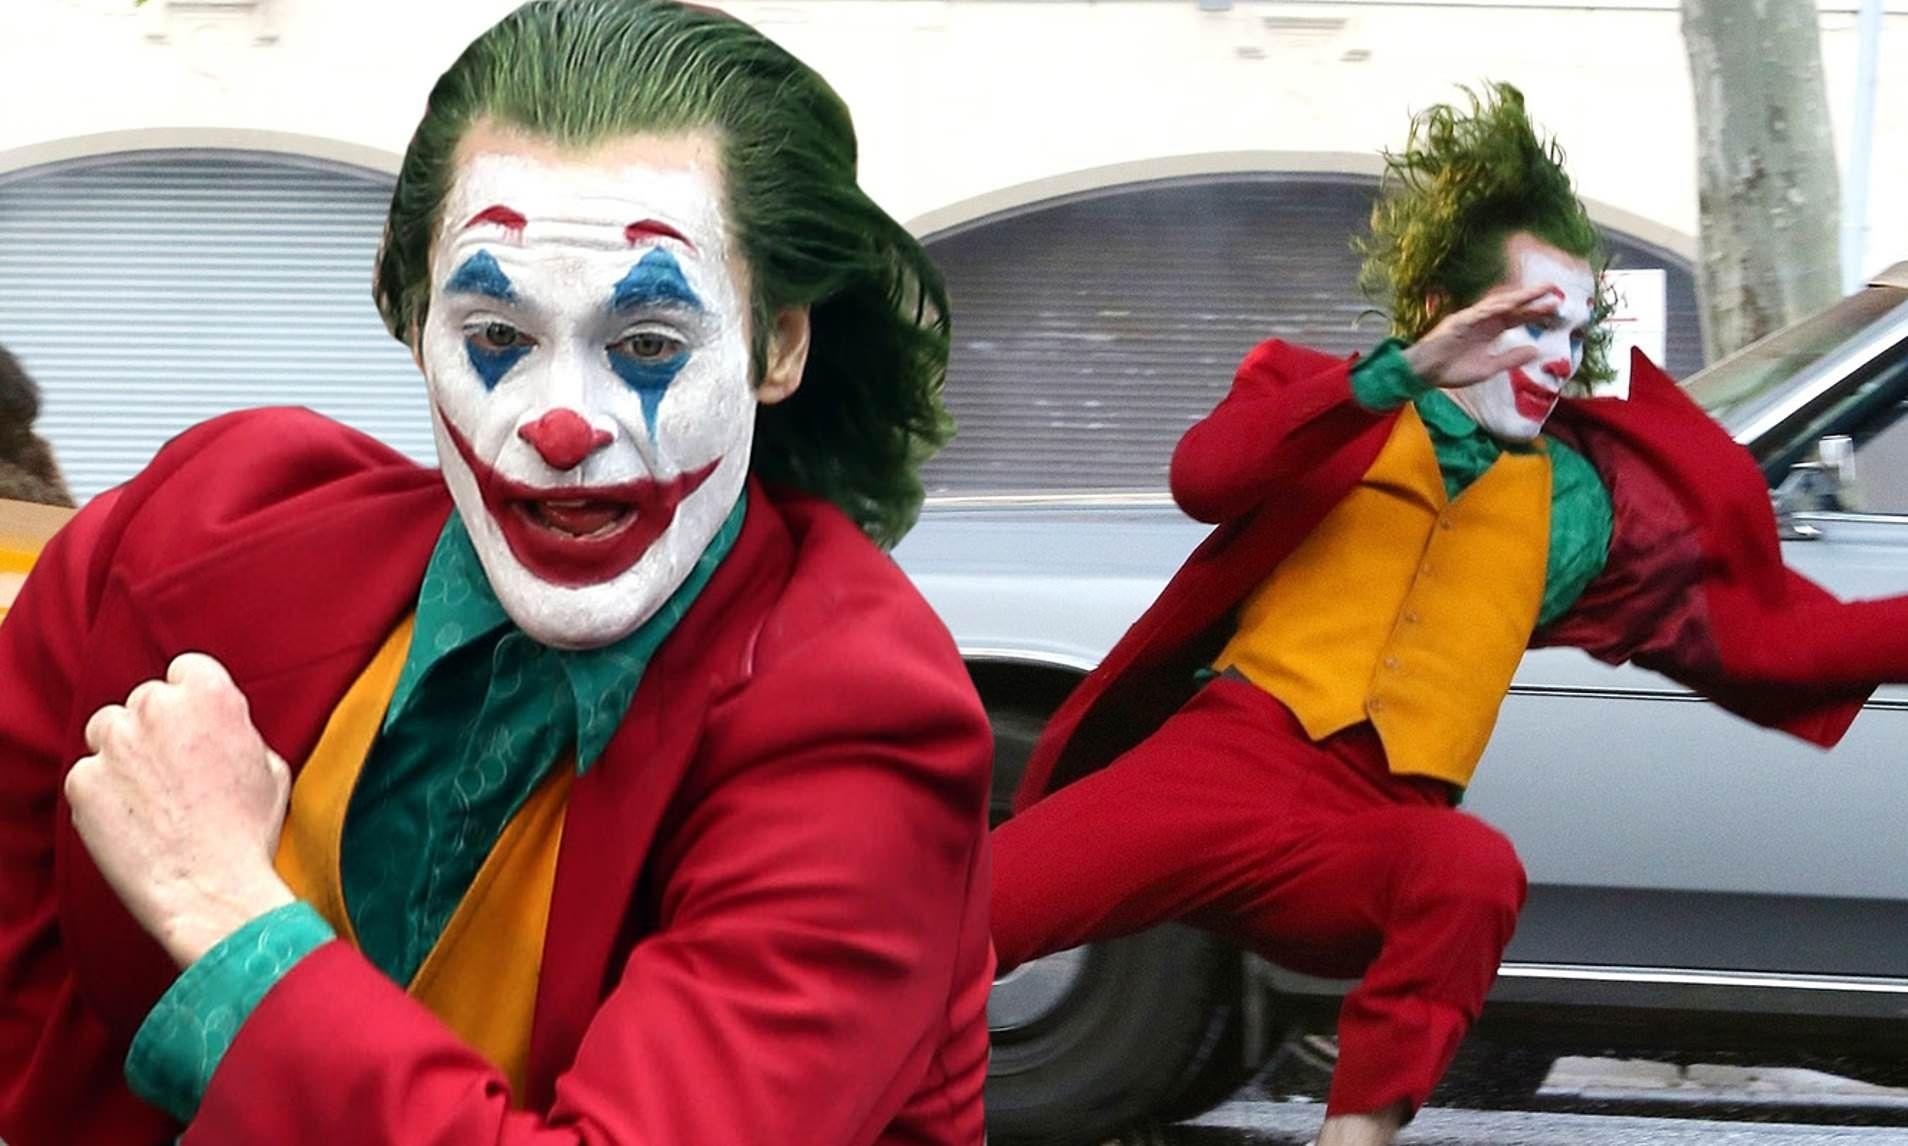 Joaquin Phoenix spotted in full costume as Joker running